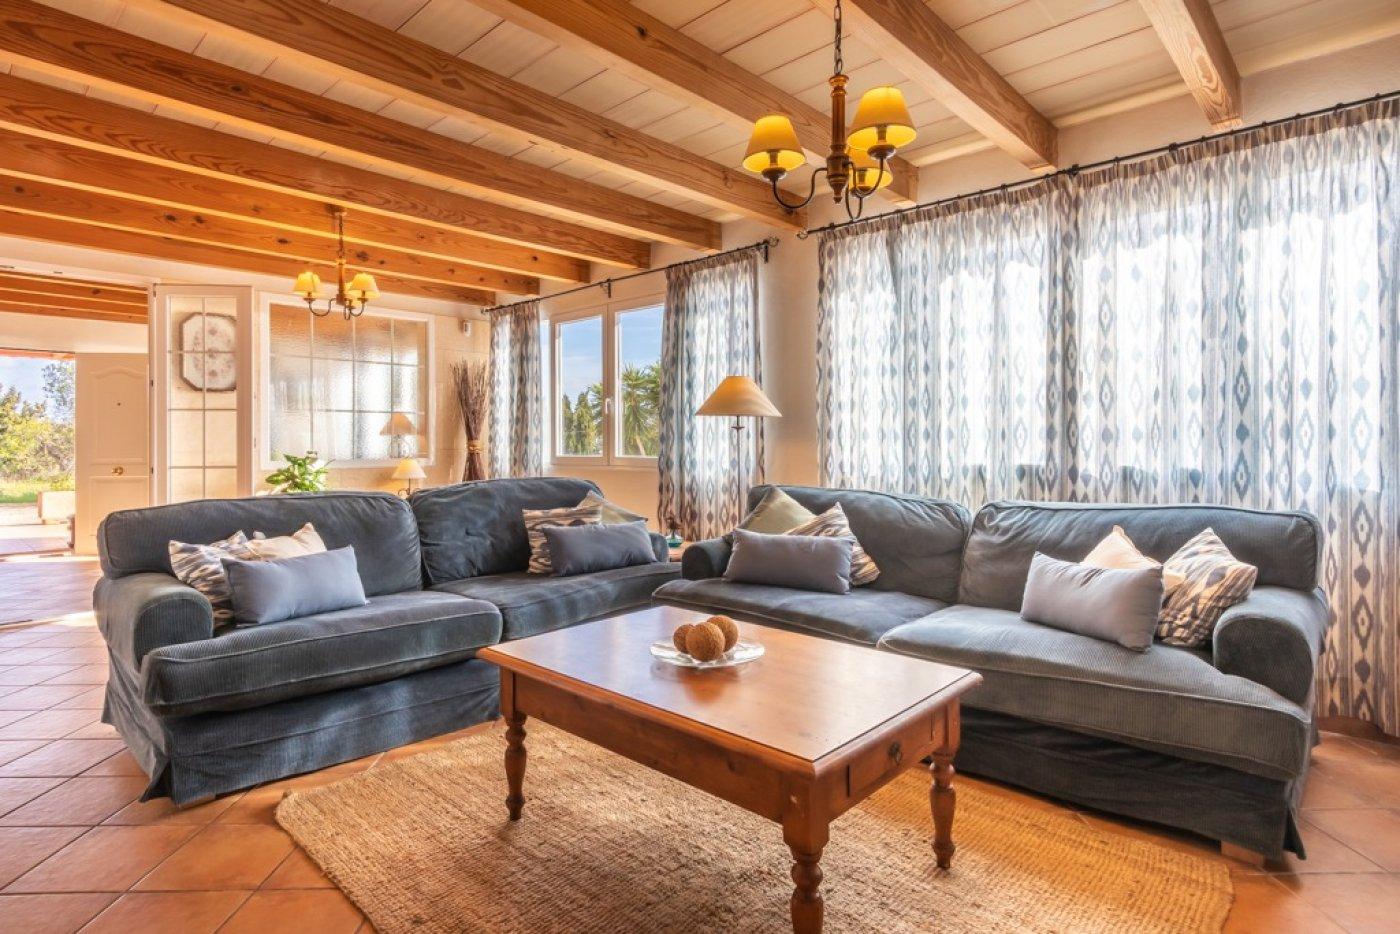 Magnifica villa en ses salines - can somni - ideal inversores turÍsticos - imagenInmueble16